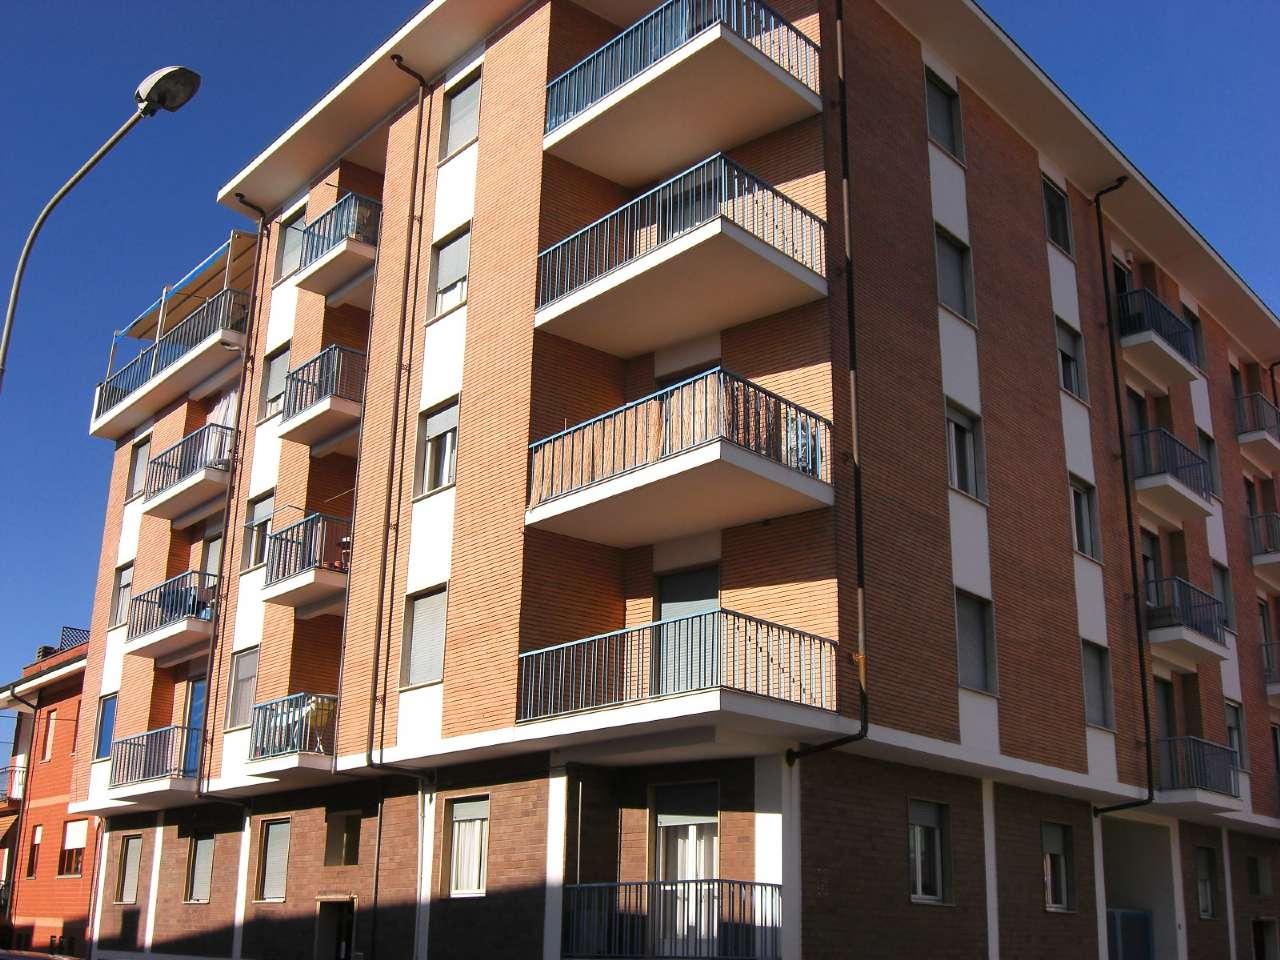 Appartamento in affitto a Carmagnola, 2 locali, prezzo € 300 | Cambio Casa.it